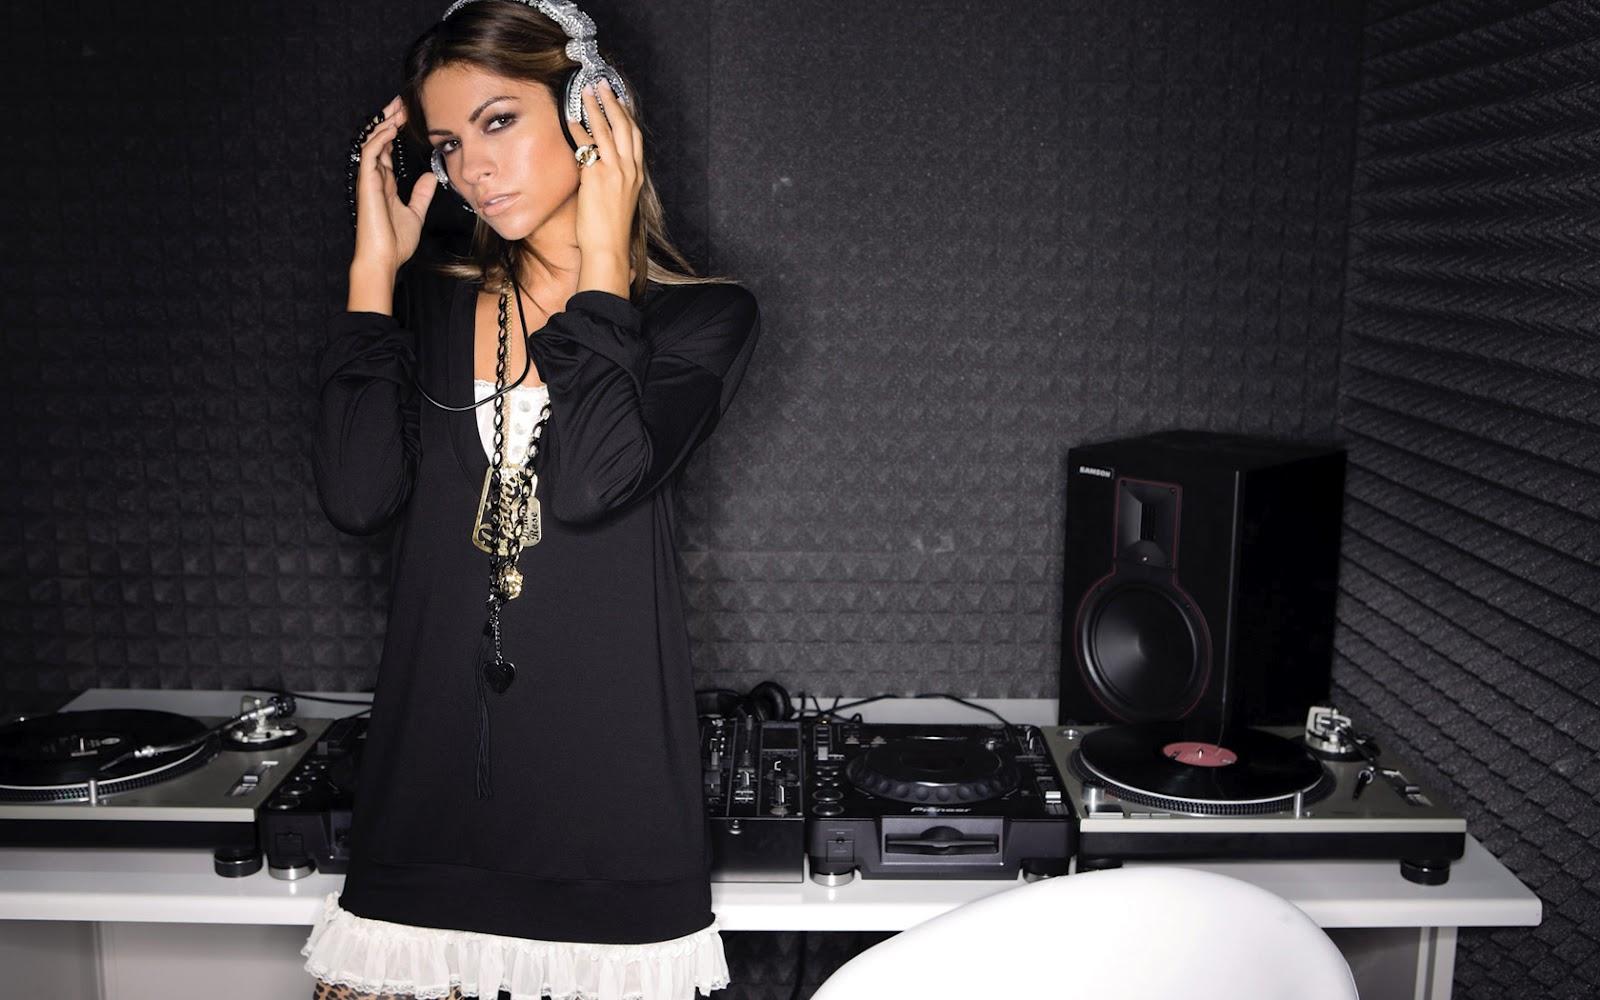 http://4.bp.blogspot.com/-SriJMq3QPEM/T9G4iVPXAQI/AAAAAAAAAHk/i-2byBNbkPc/s1600/Wallpaper-girl-headphones-dj-desktop.jpg